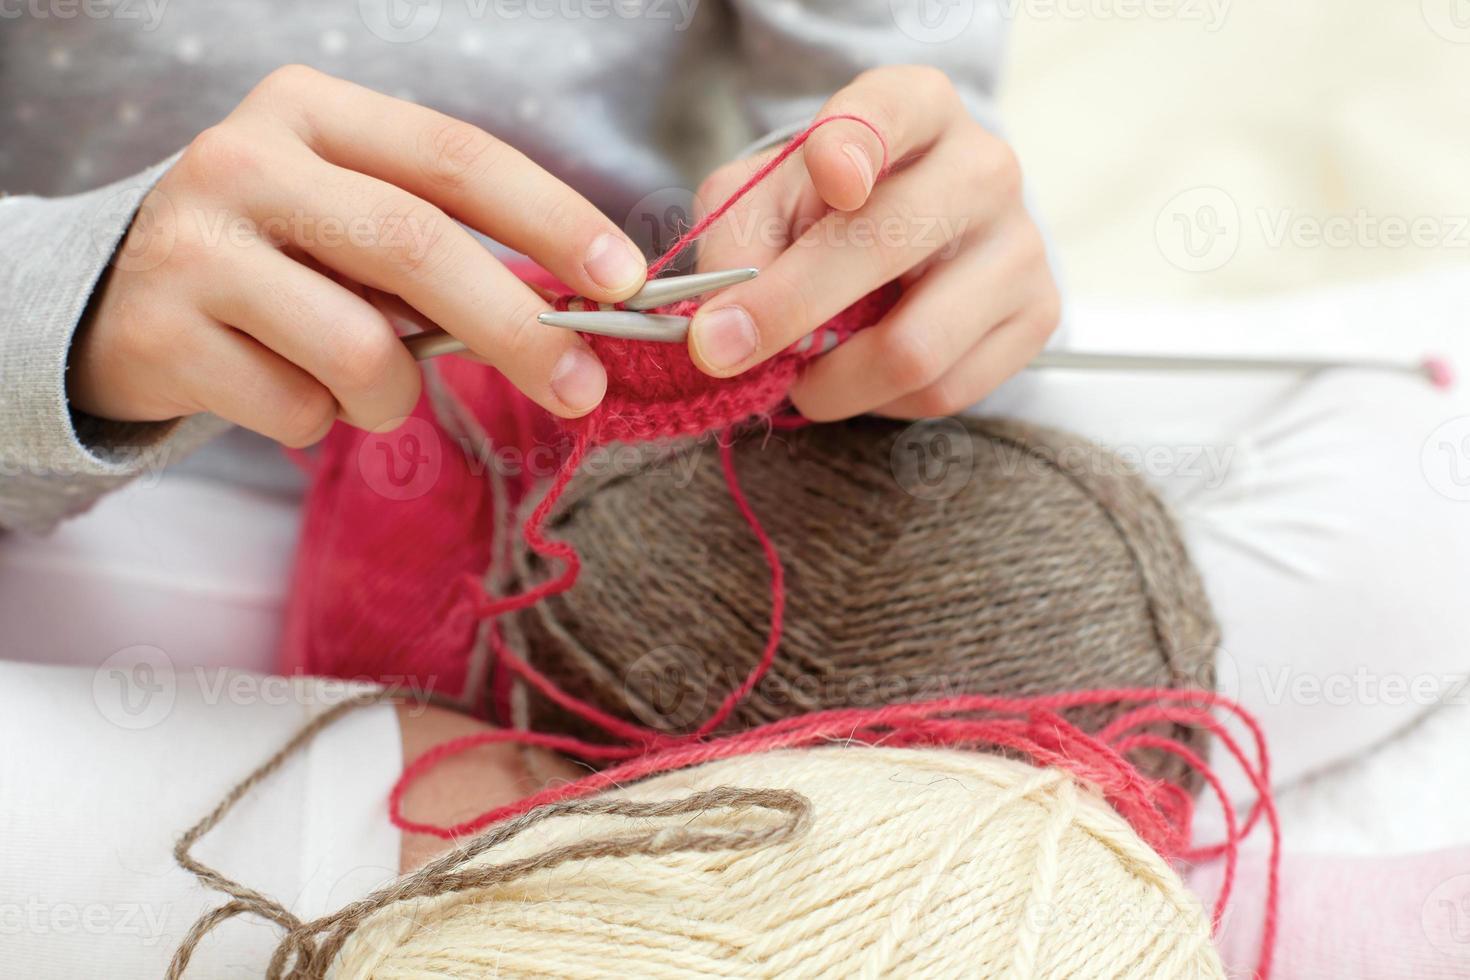 criança aprende a tricotar. estilo de vida - infância foto